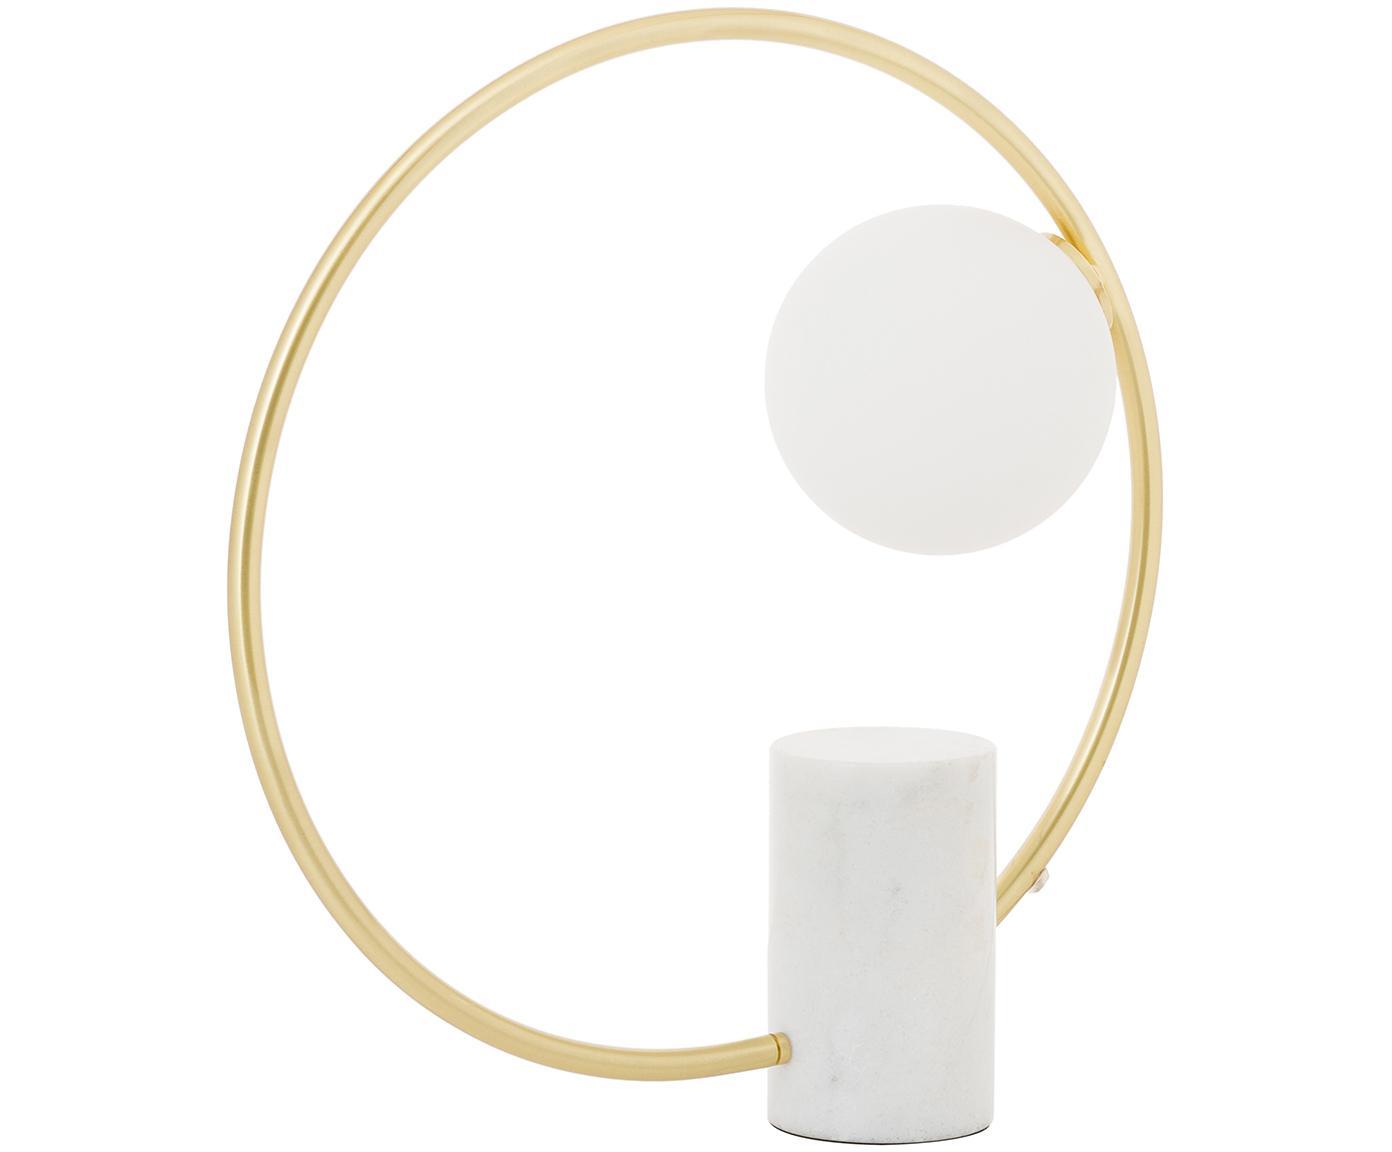 Glam-Tischleuchte Soho mit Marmorfuß, Lampenschirm: Glas, Lampenfuß: Marmor, Abweichungen vom , Rahmen: Metall, vermessingt, Weiß, Messing, 40 x 42 cm